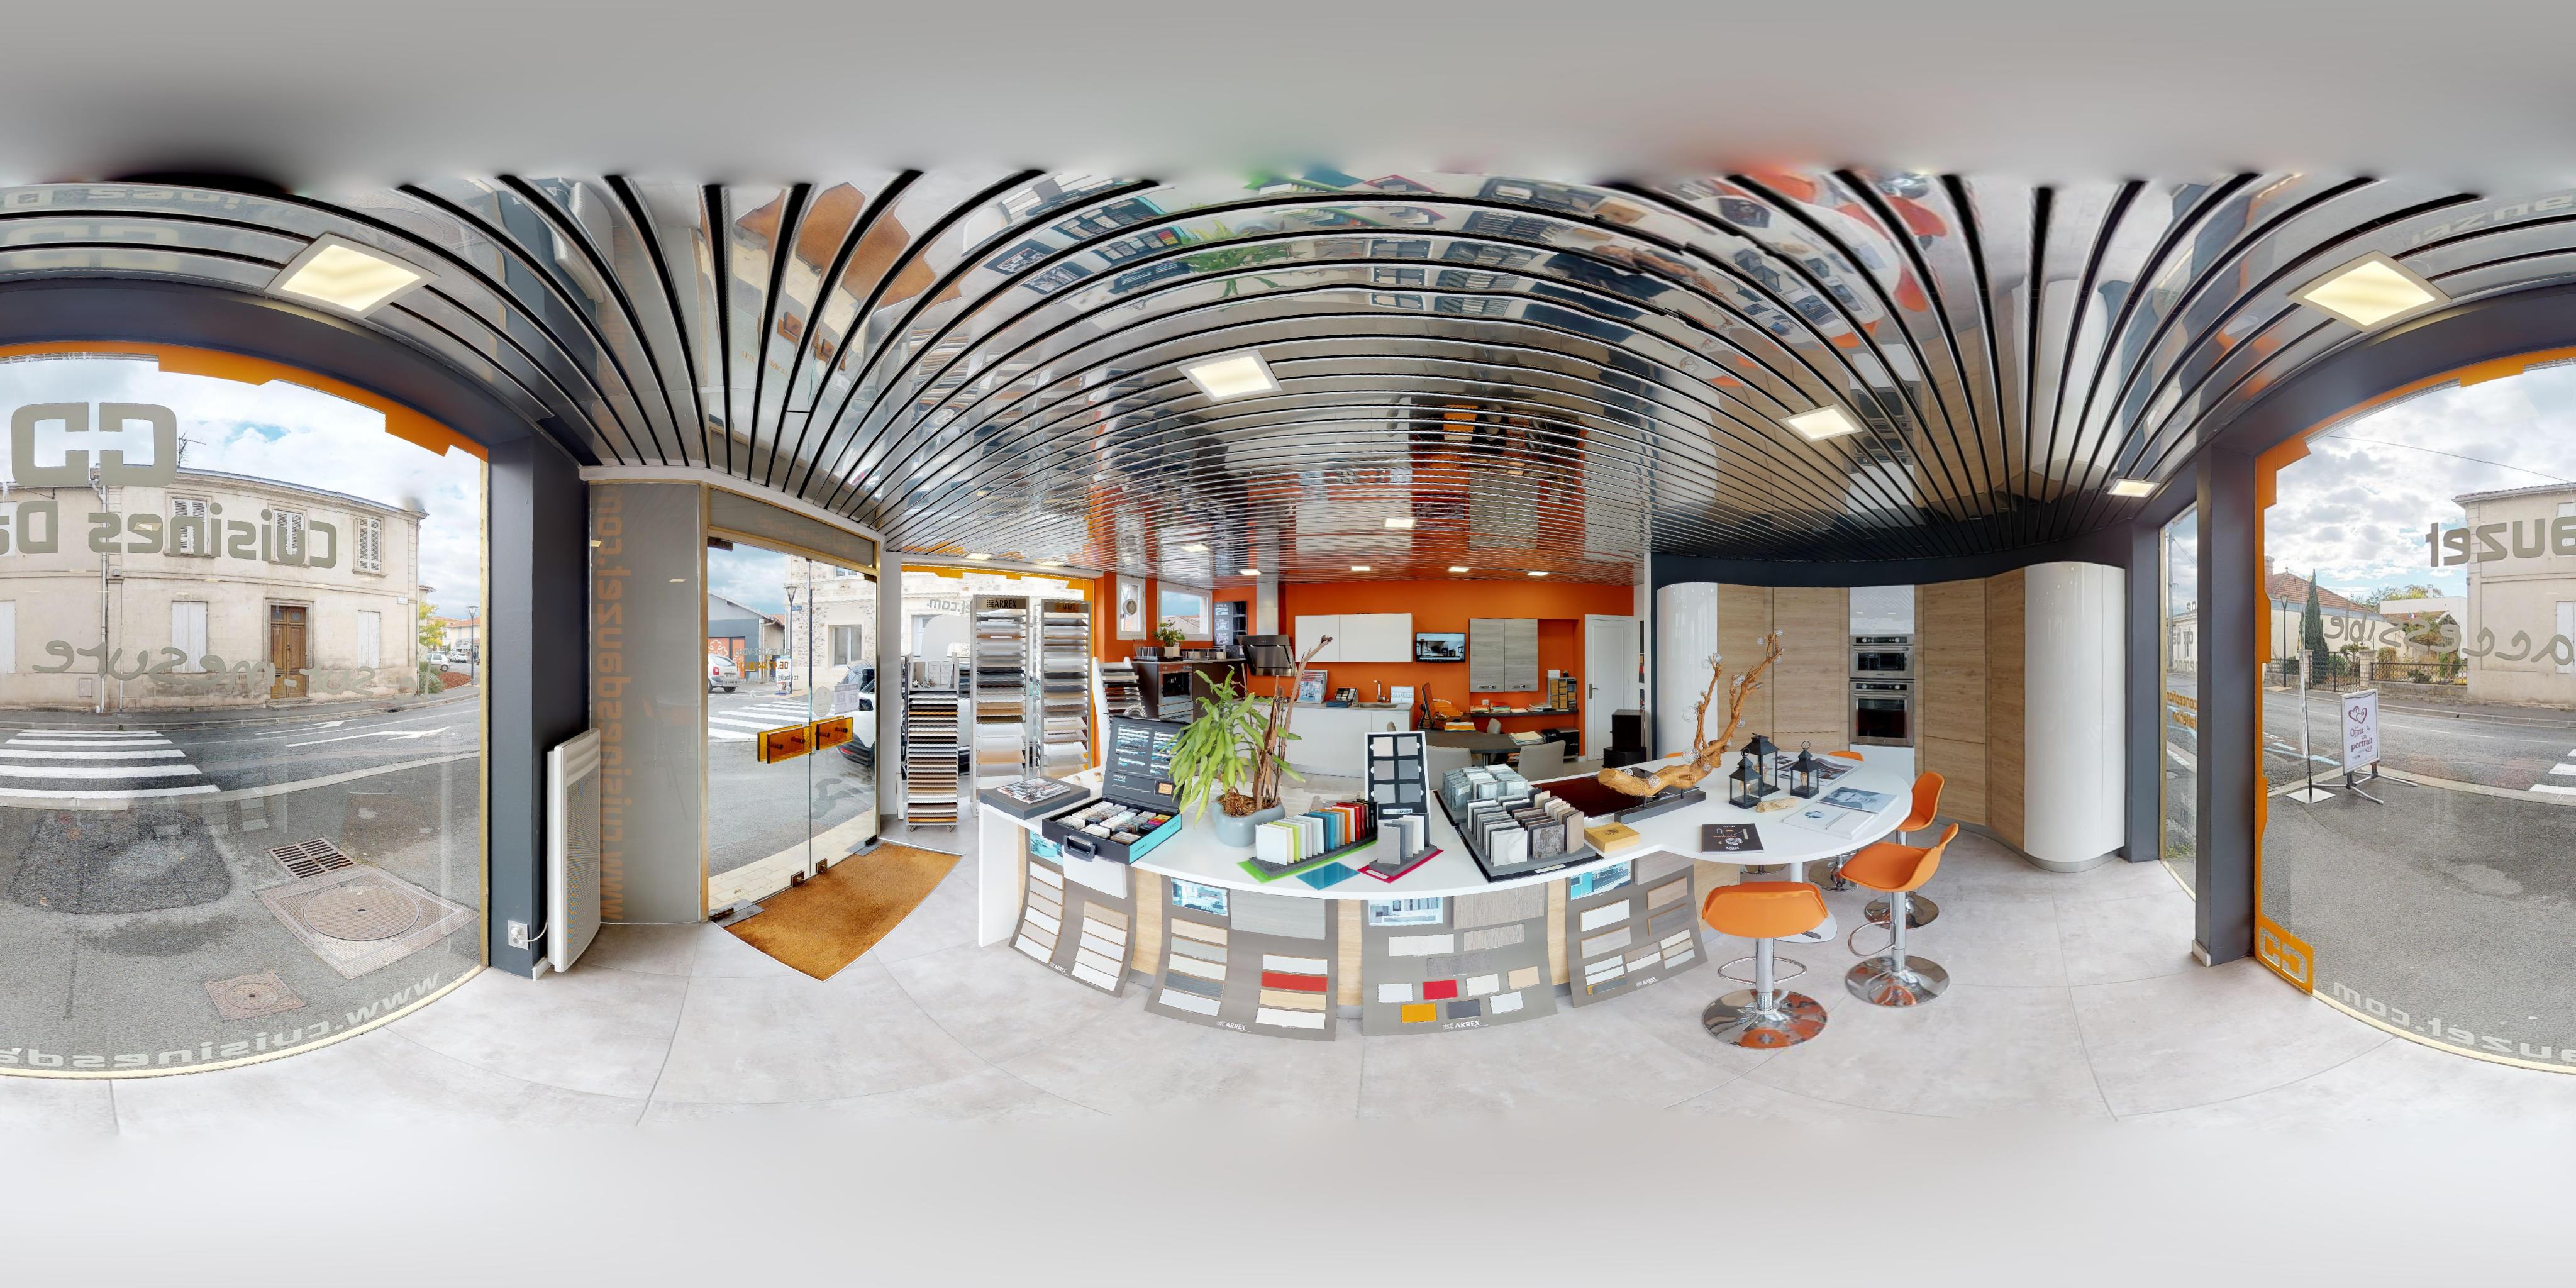 visites virtuelles cuisiniste La Teste de Buch